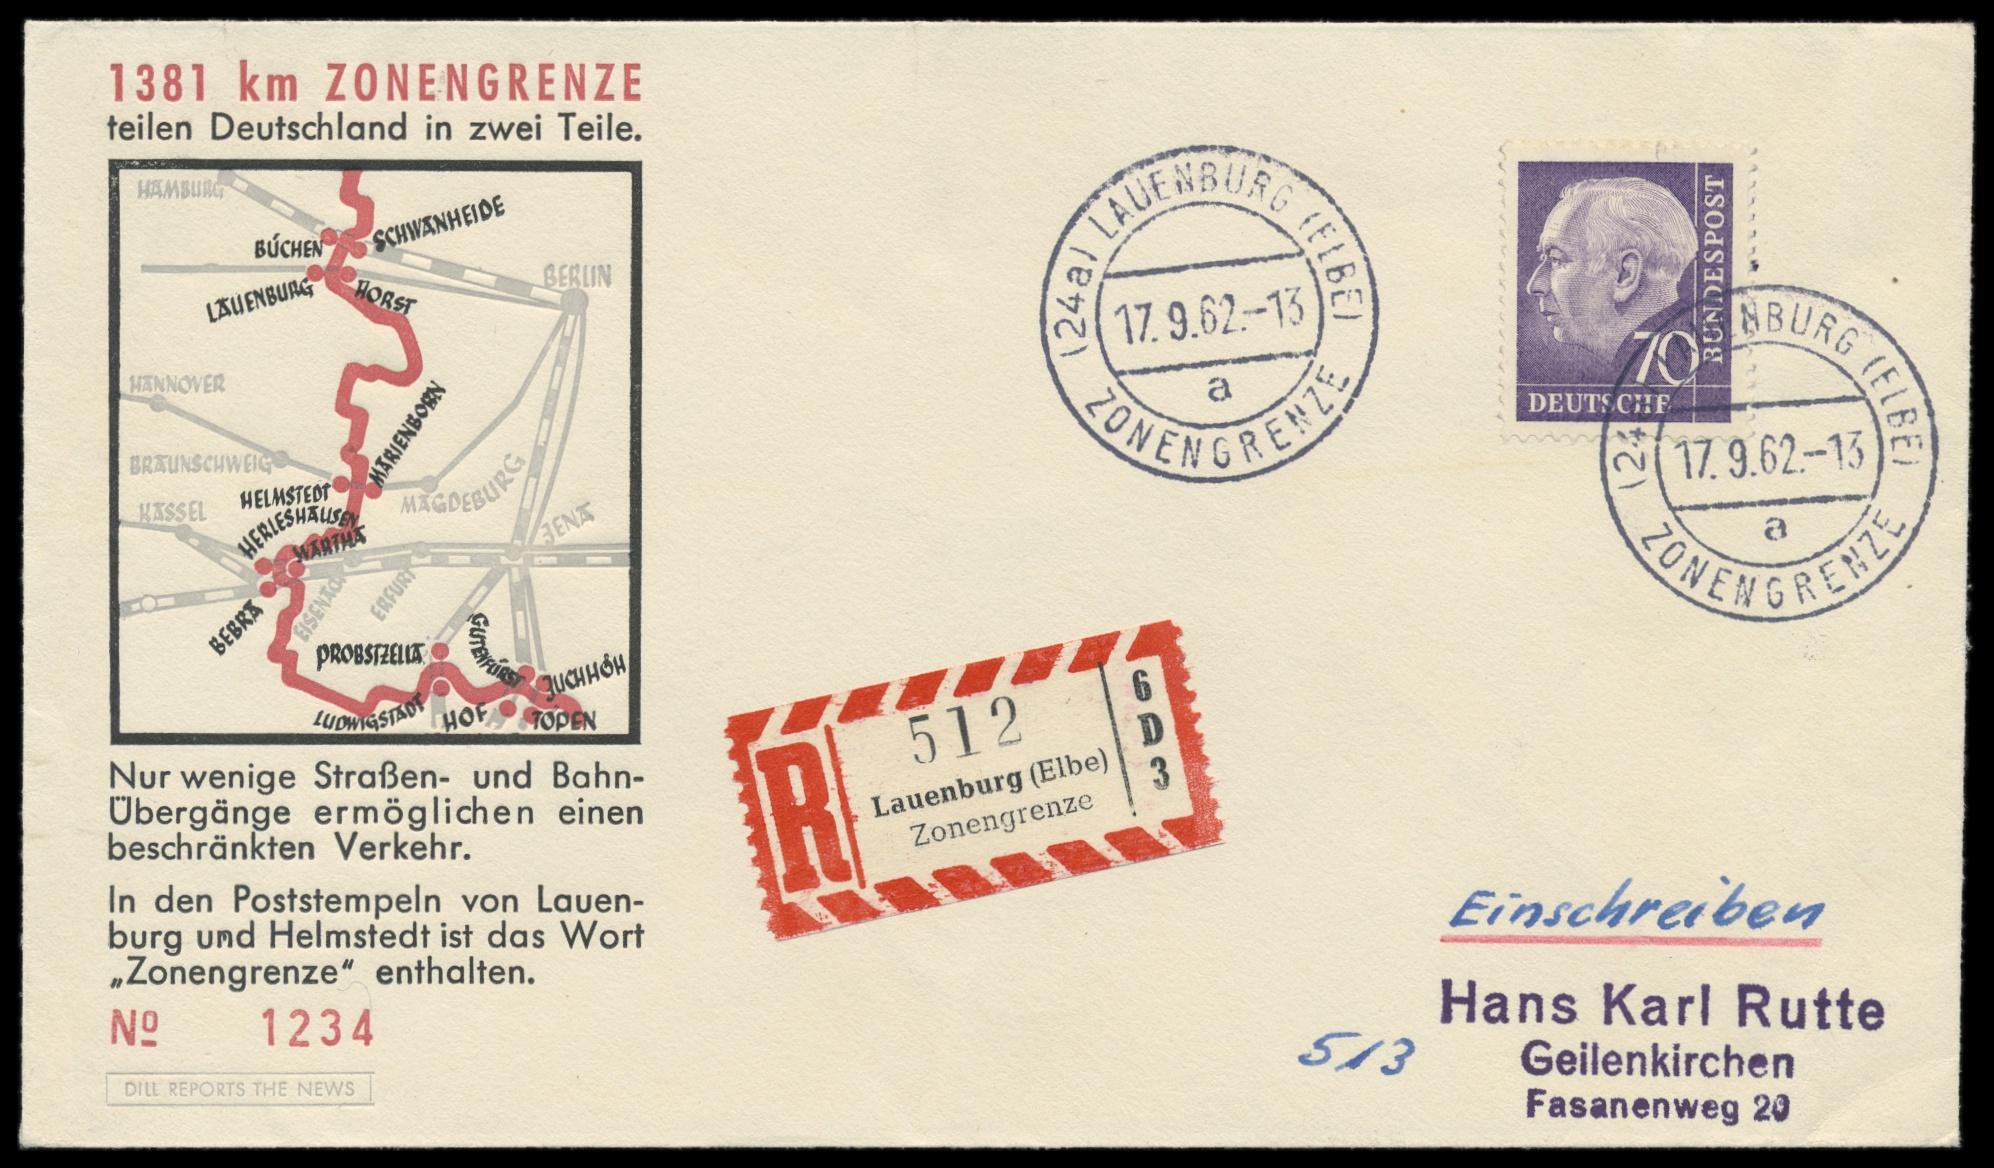 Lot 5435 - Main catalogue bundesrepublik deutschland -  Peter Harlos Auctions 41. Auktion